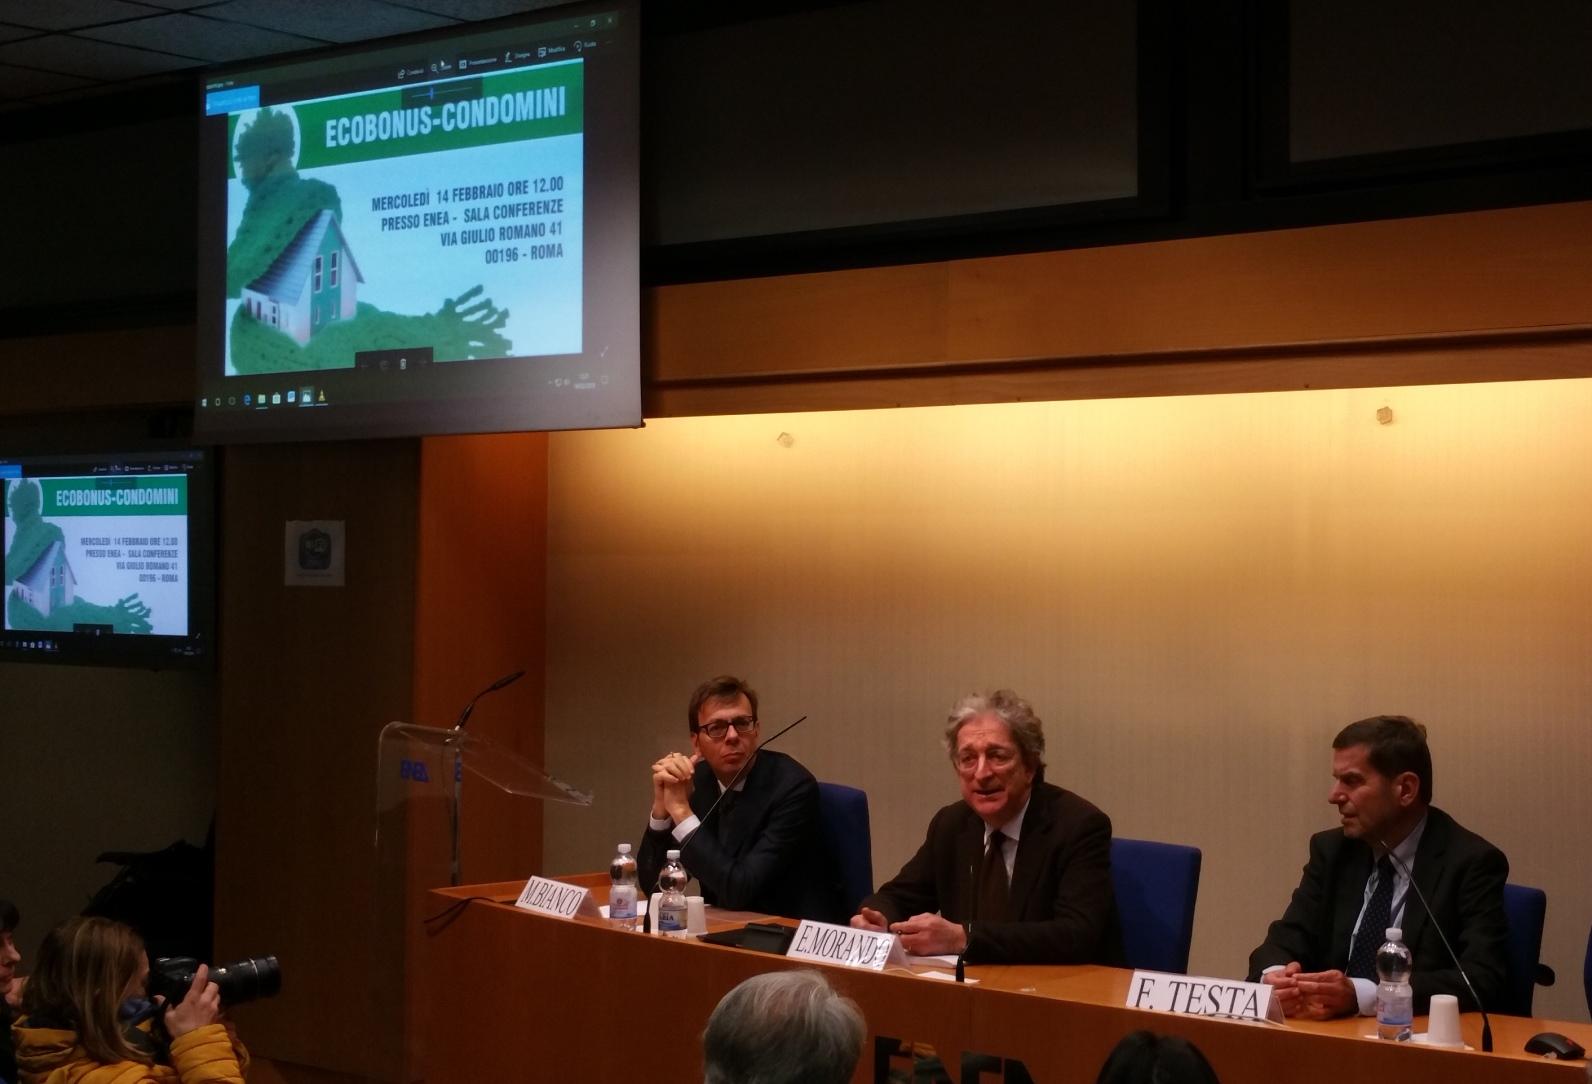 Enea, da Ecobonus 1 milione di interventi, risparmi sino al